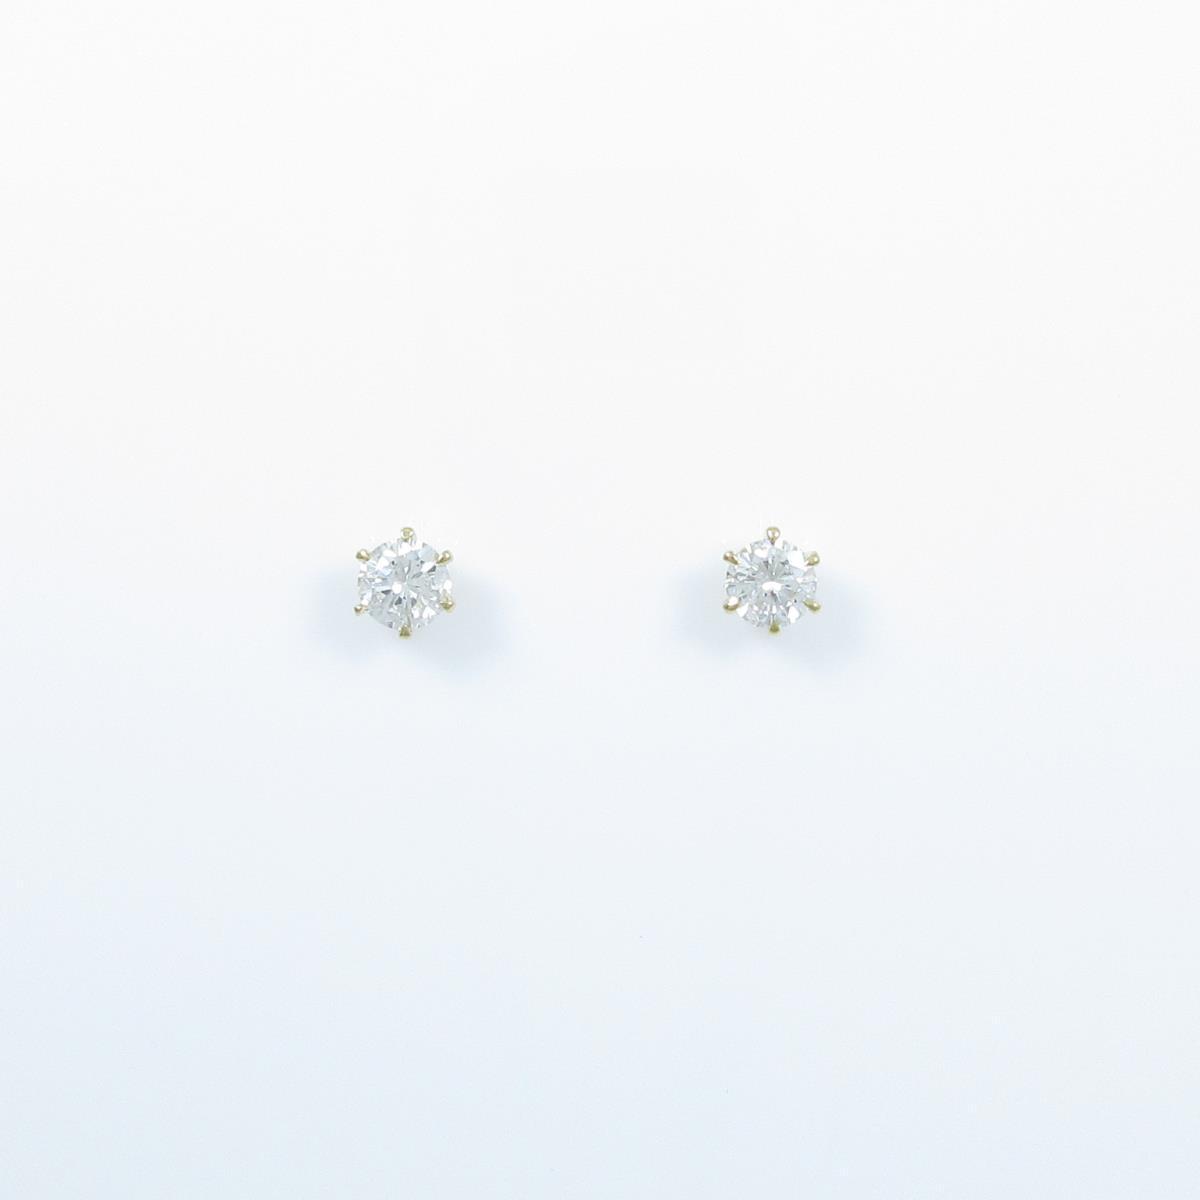 【リメイク】K18YG/ST ダイヤモンドピアス 0.203ct・0.233ct・F・SI1・VG-GOOD【中古】